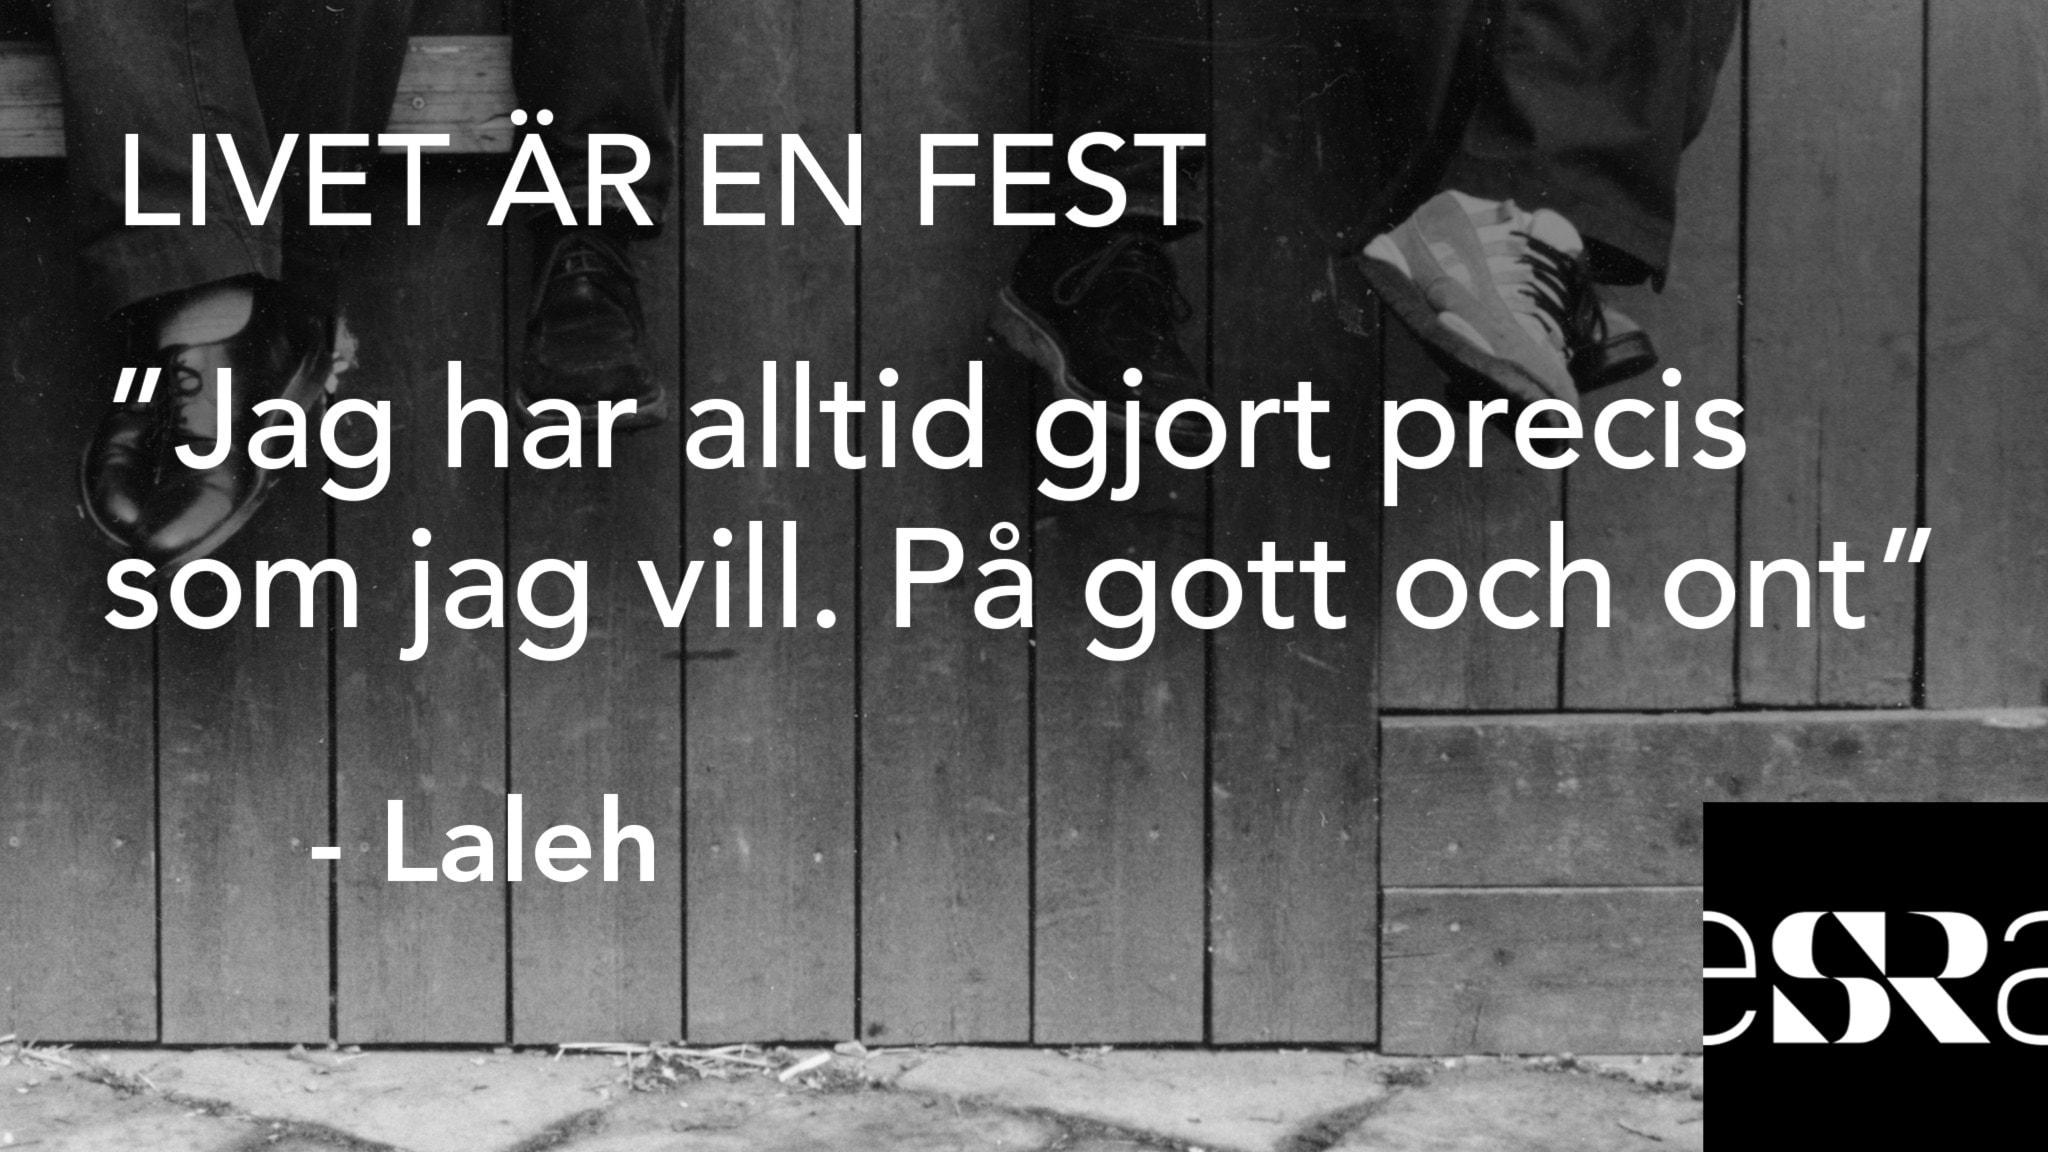 """""""Jag har alltid gjort precis som jag vill. På gott och ont"""" - Laleh. Foto: Sveriges Radio"""